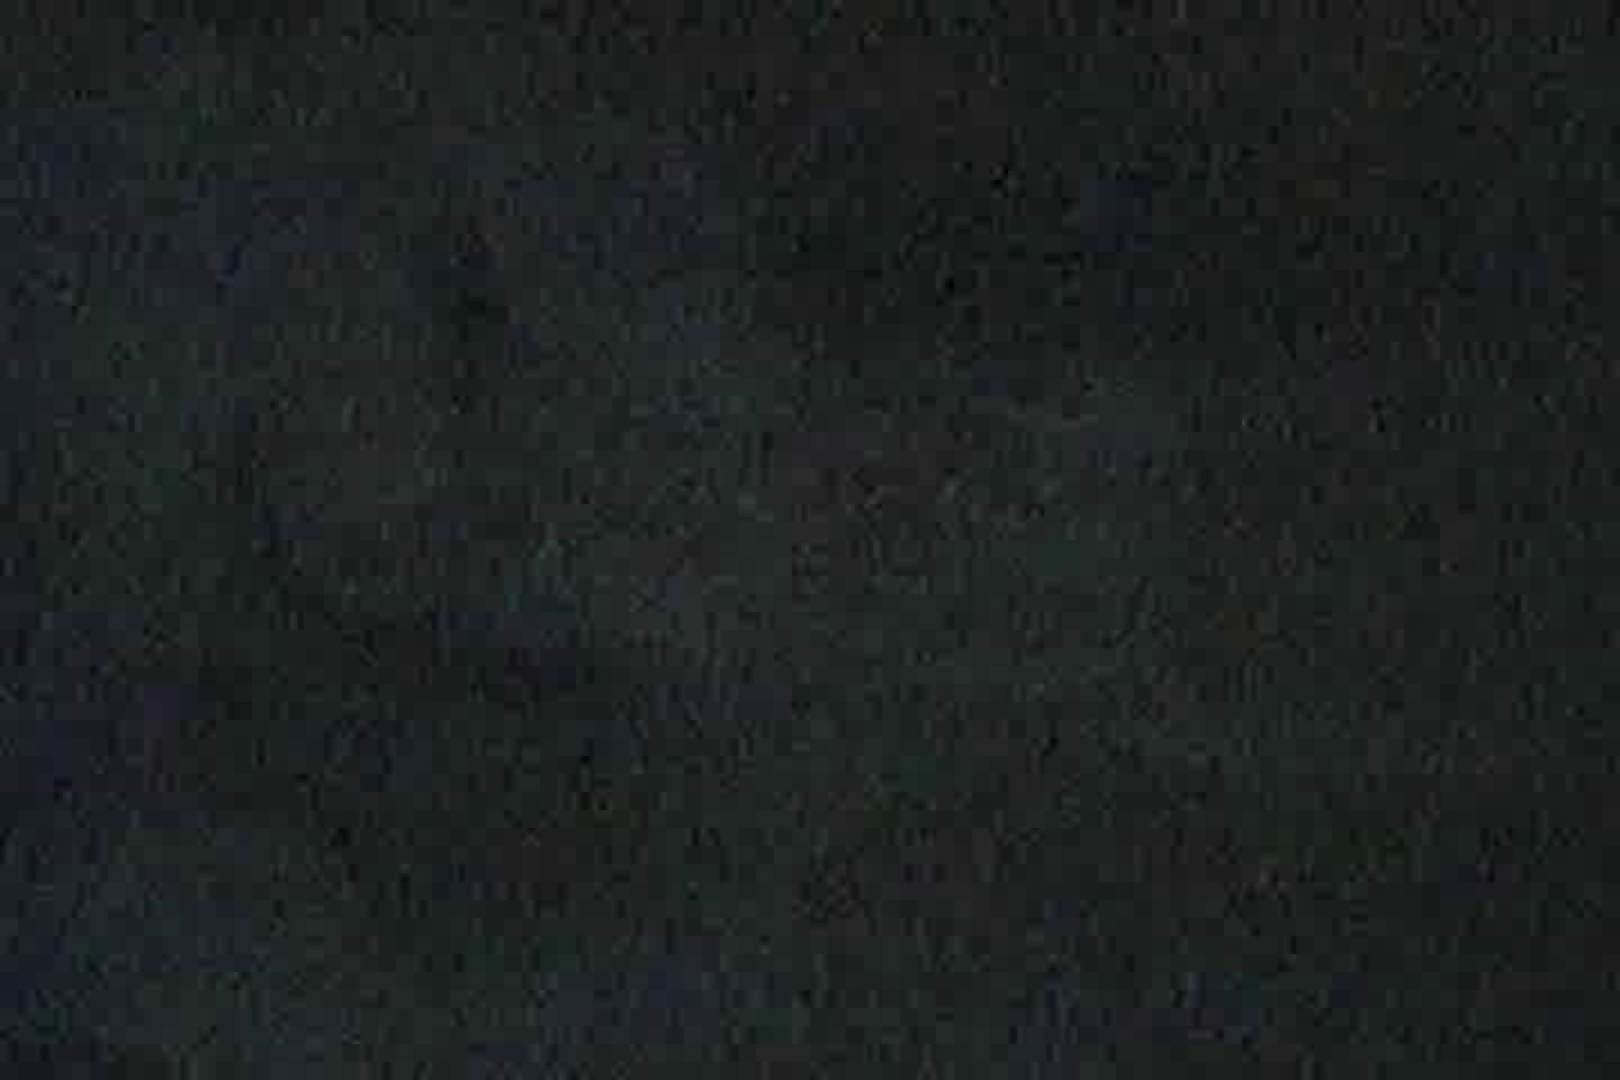 充血監督の深夜の運動会Vol.8 おっぱい エロ画像 50連発 35